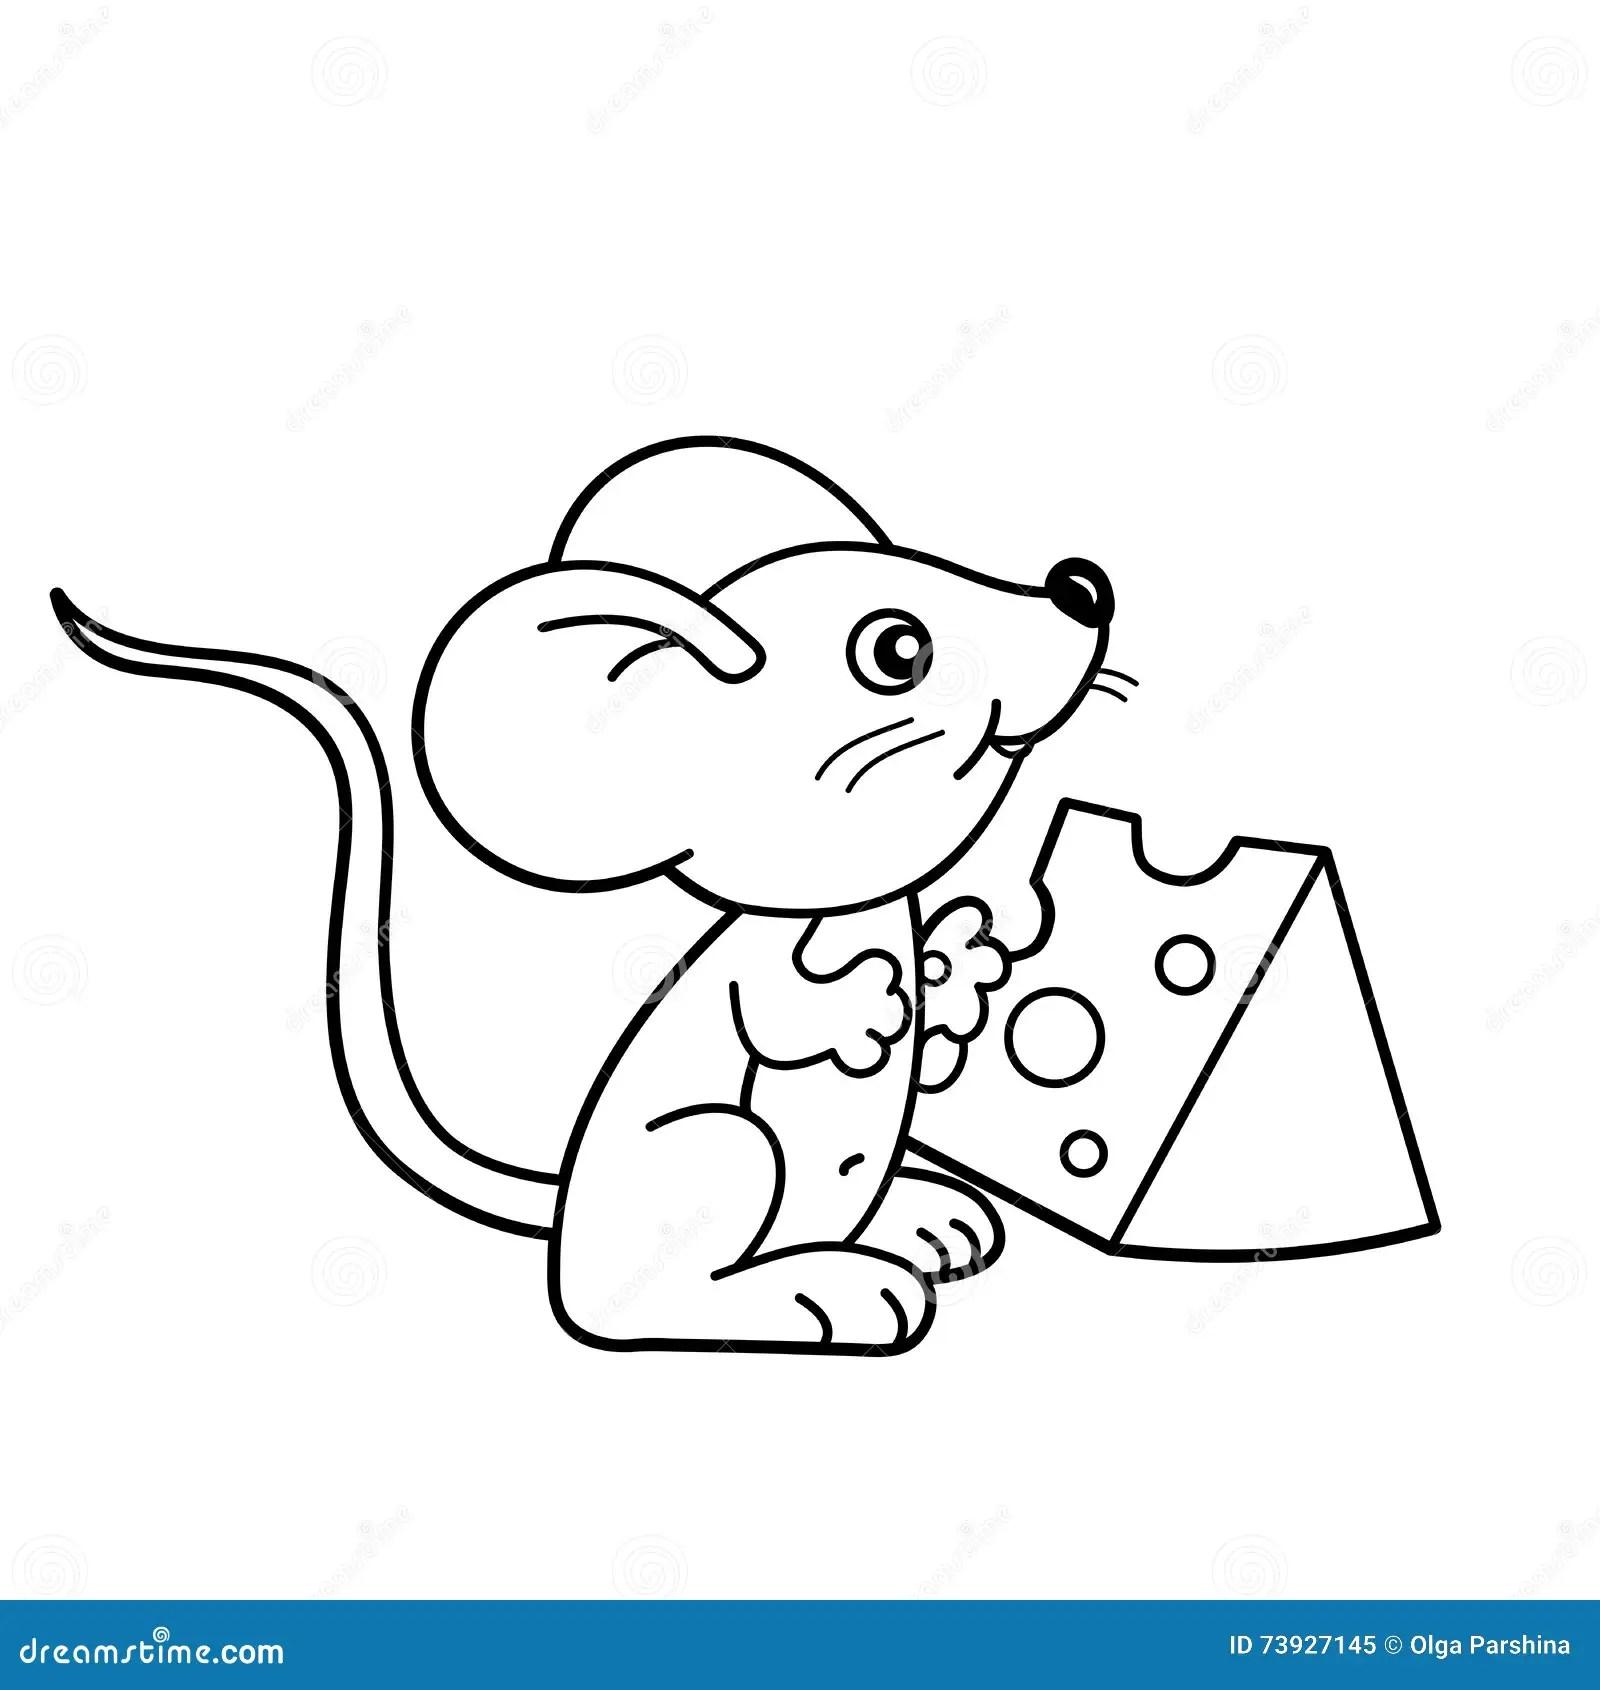 Farbton Seiten Entwurf Der Kleinen Maus Der Karikatur Mit